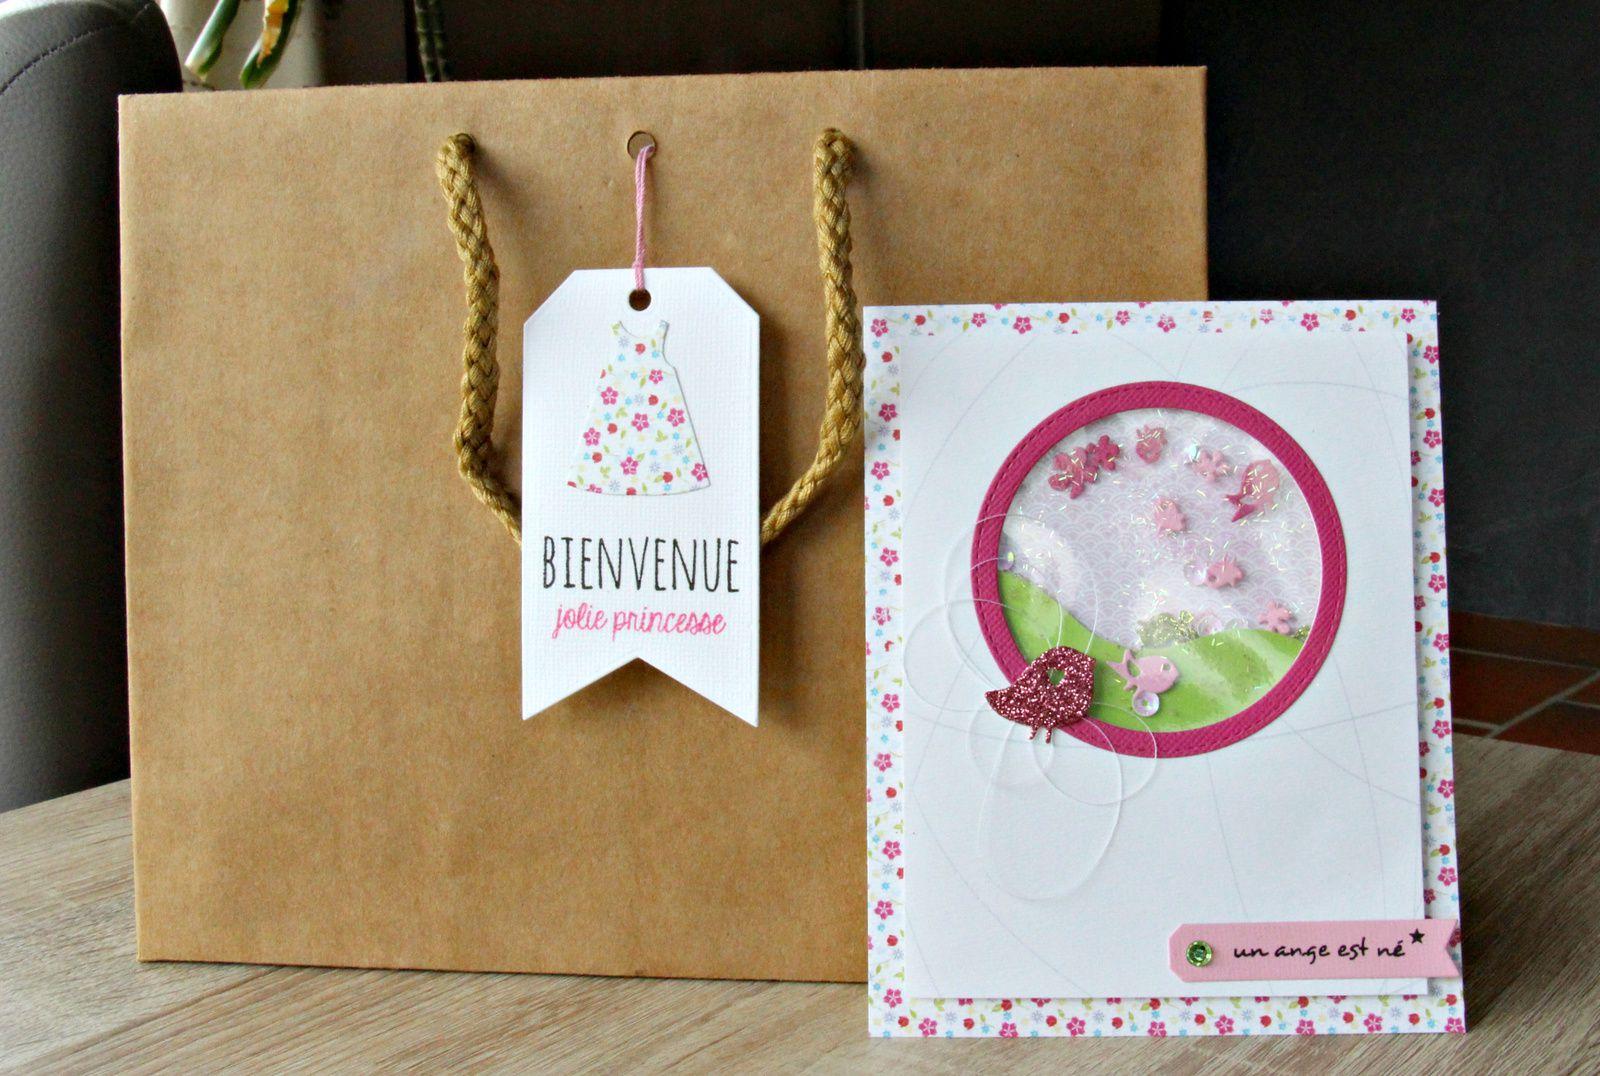 Le paquet avec une belle étiquette et une carte pour accompagner le tout.